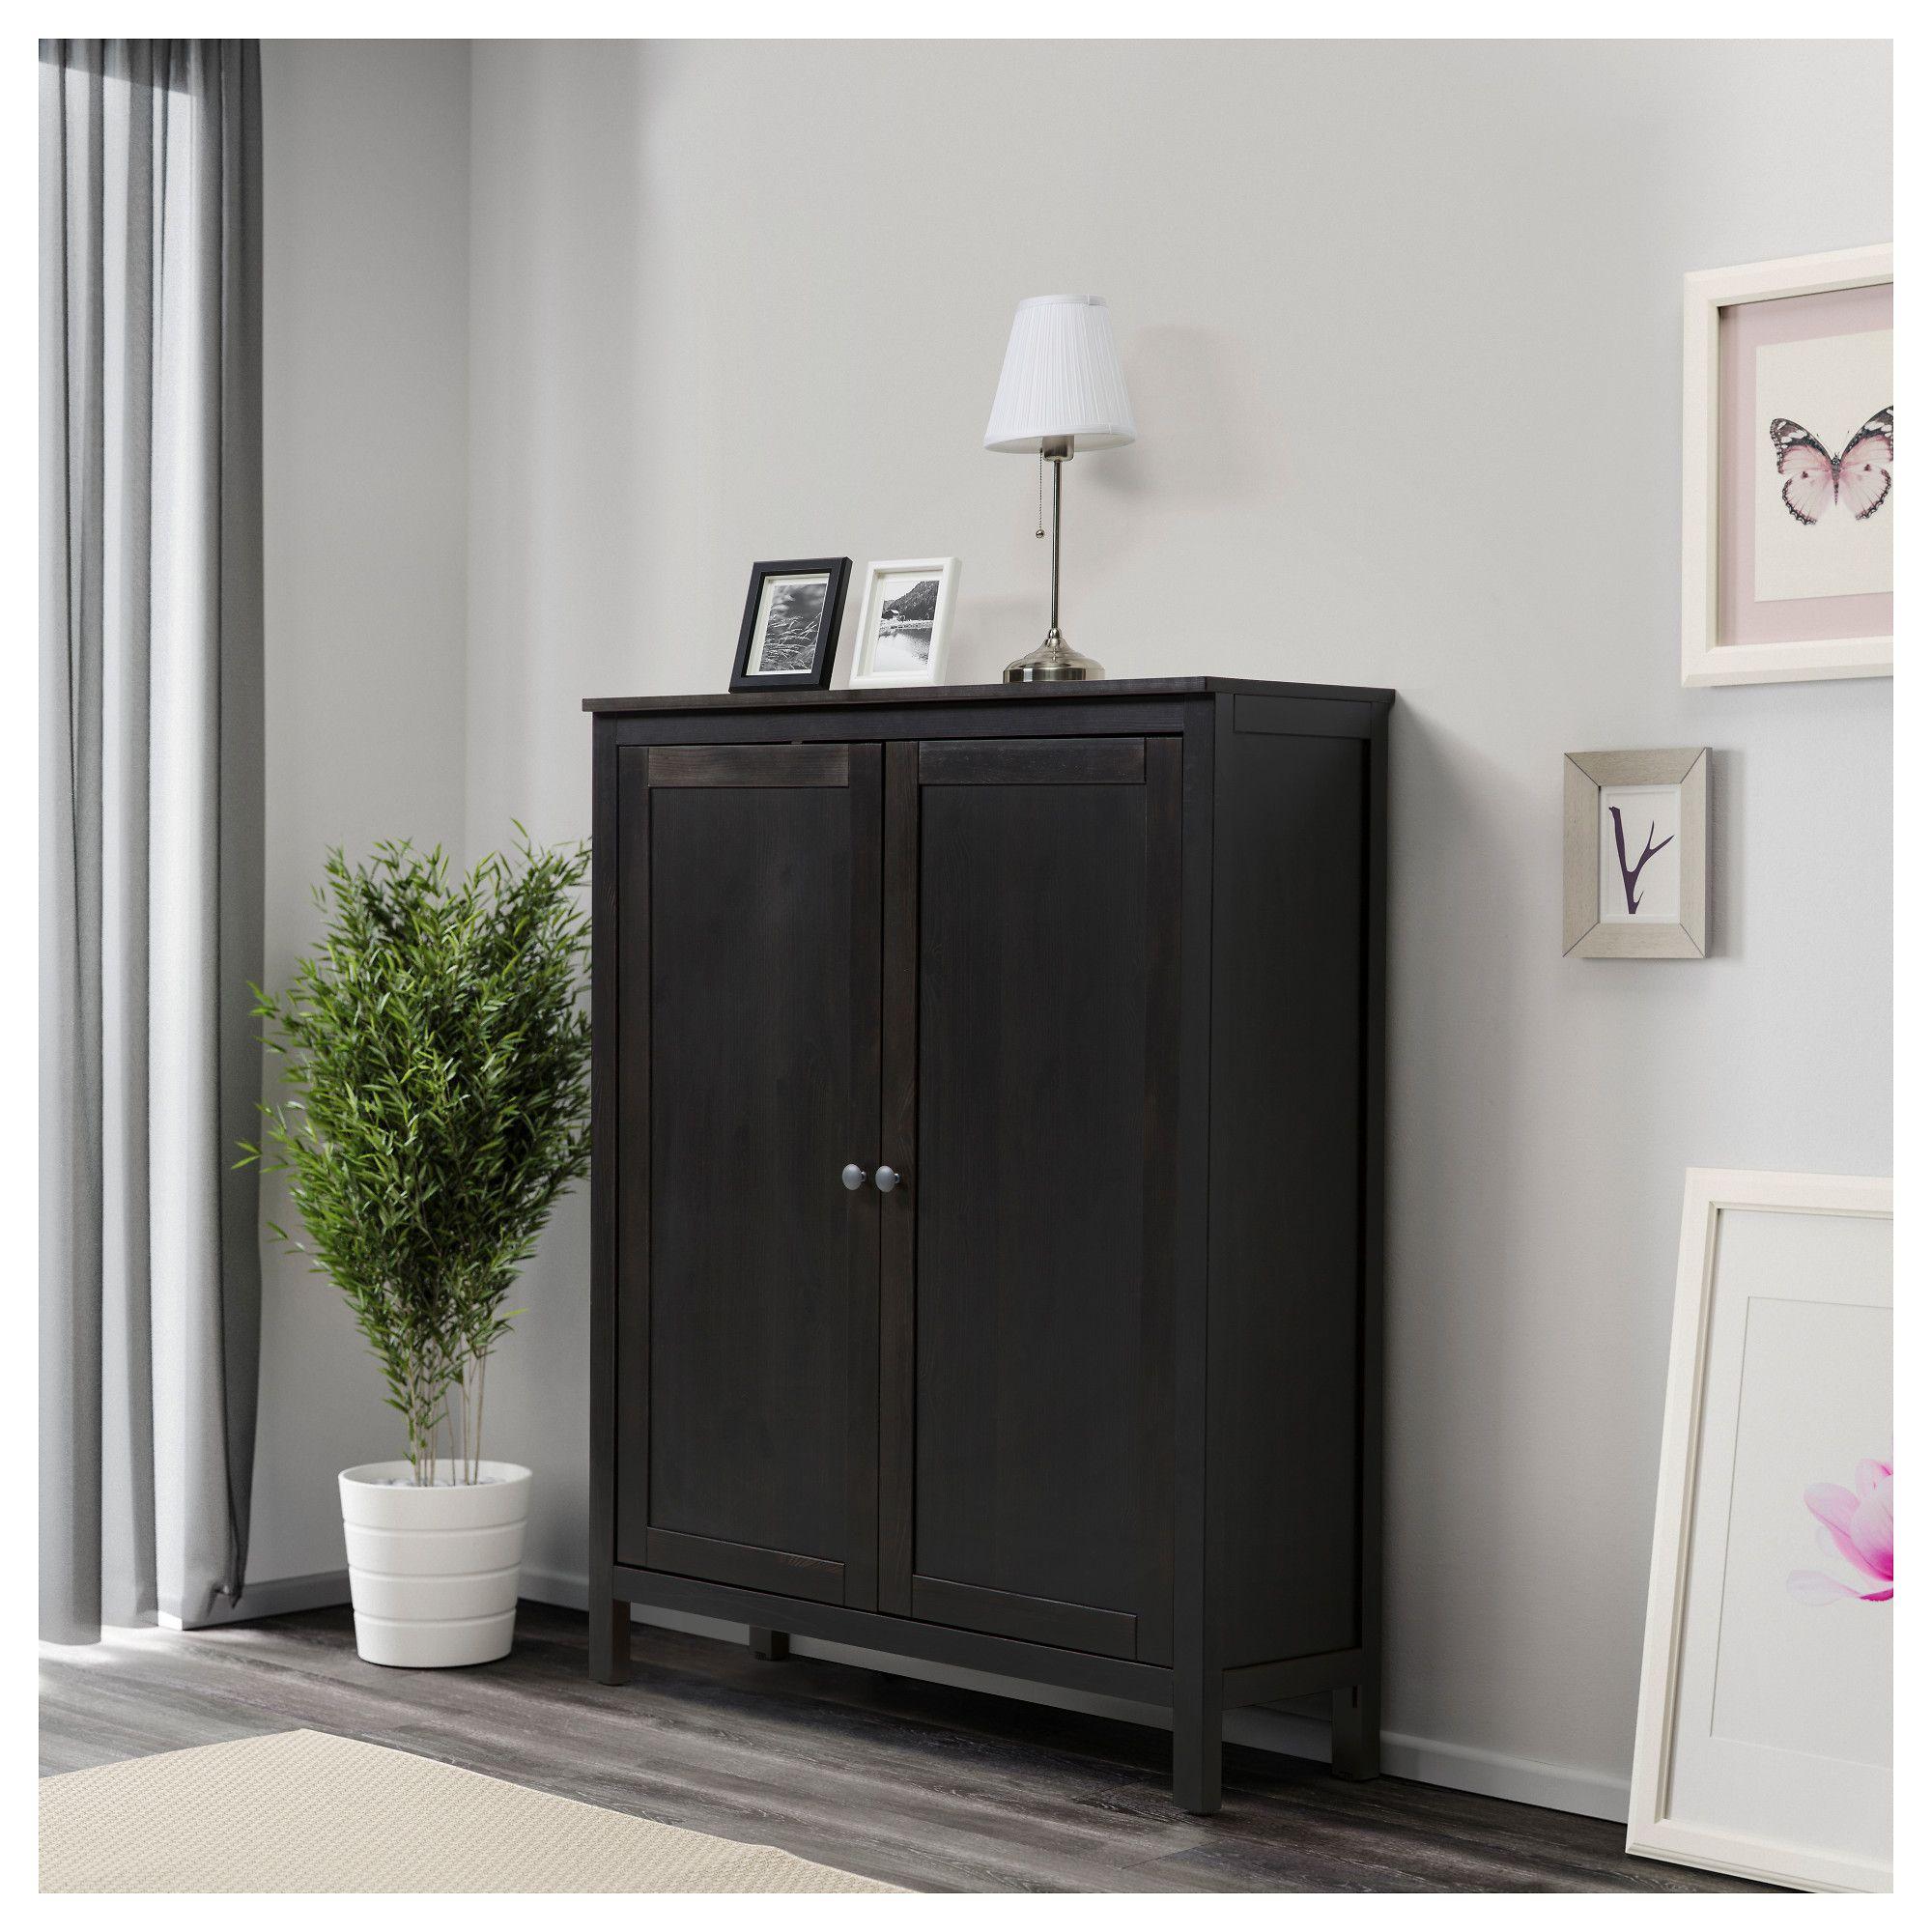 Ikea Hemnes Cabinet With 2 Doors Black Brown Cabinets